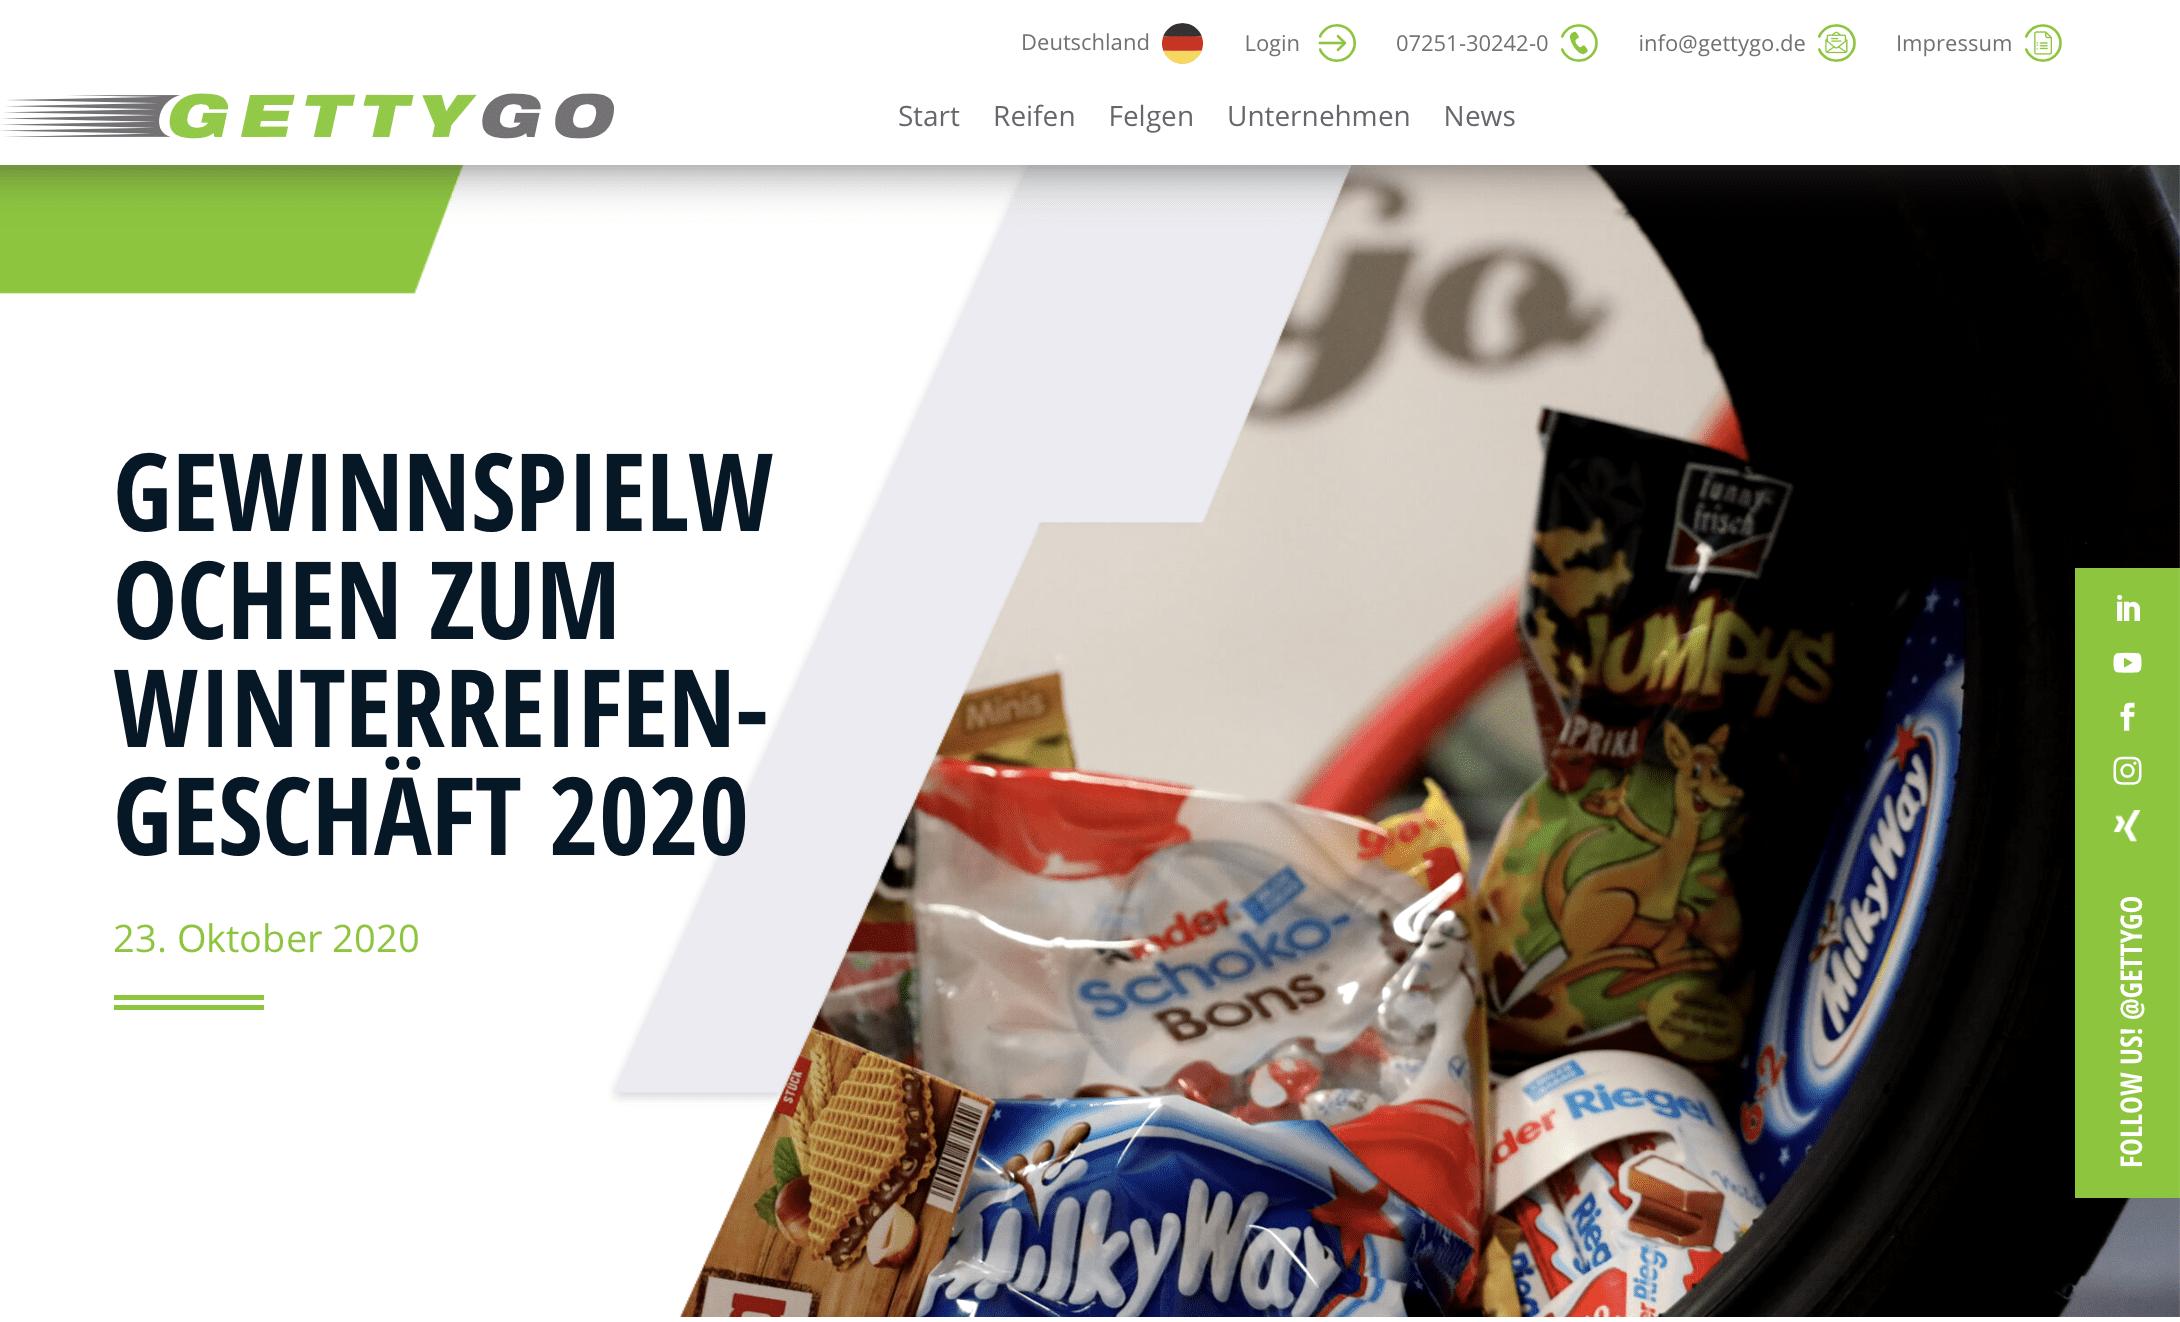 Gettygo startet B2B Gewinnspiel